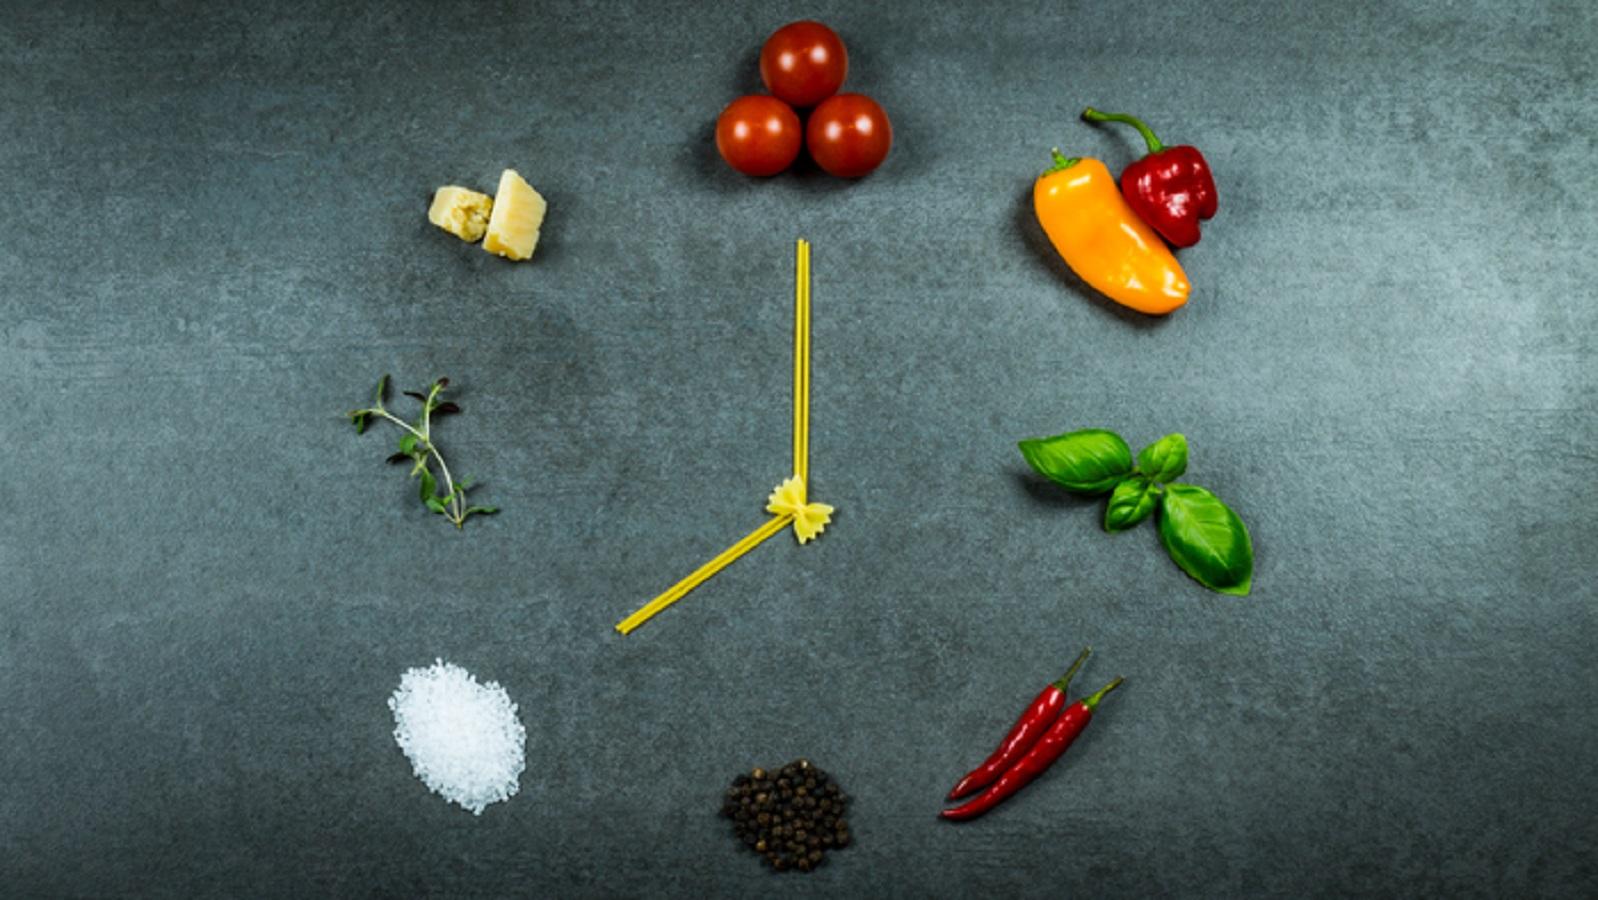 Digiuno intermittente e diabete: mangiando entro 14 ore...